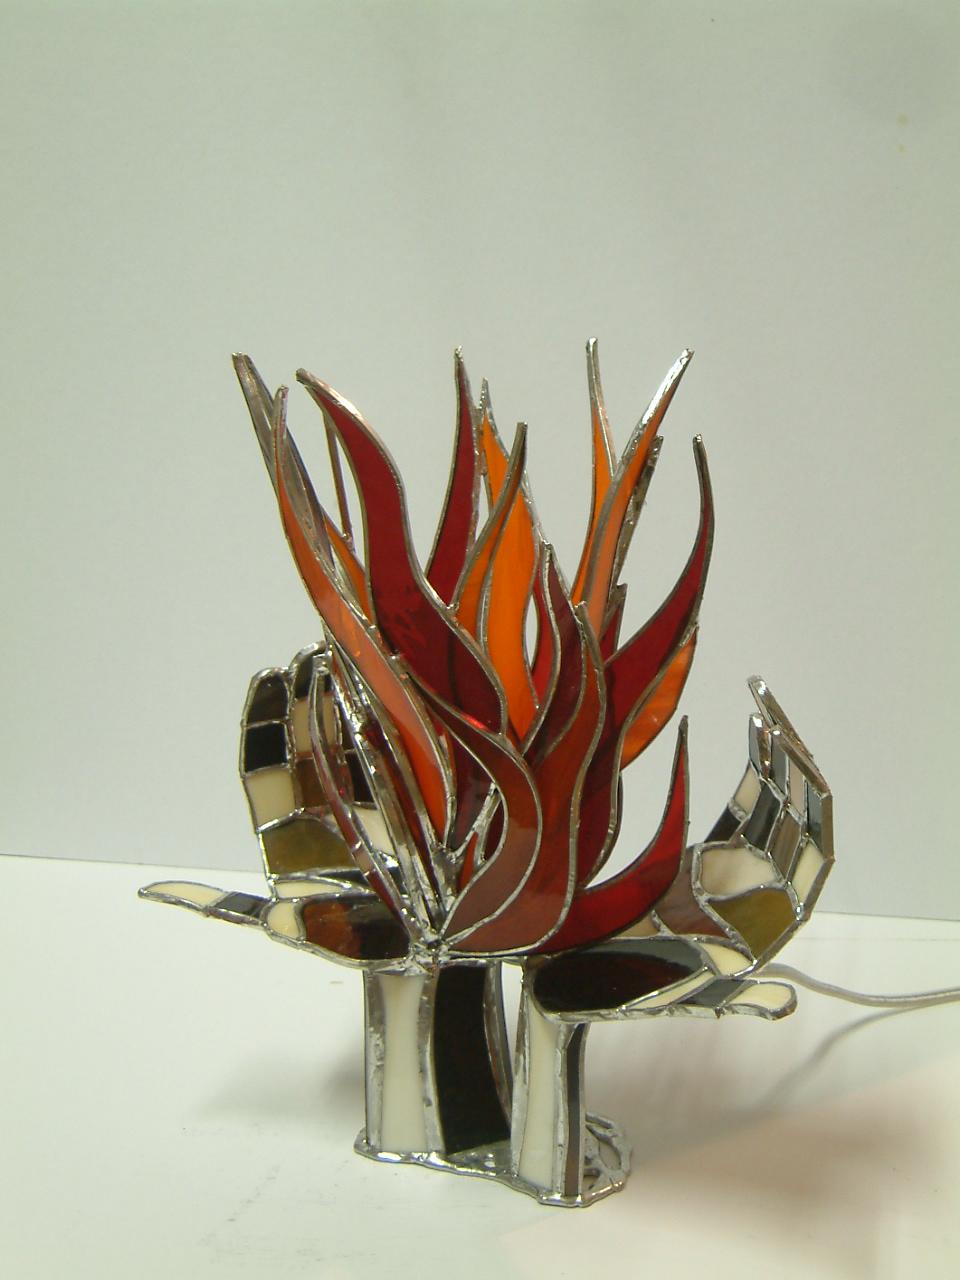 Sculptures contemporain l 39 art elier vitraill 39 art elier for Art contemporain sculpture